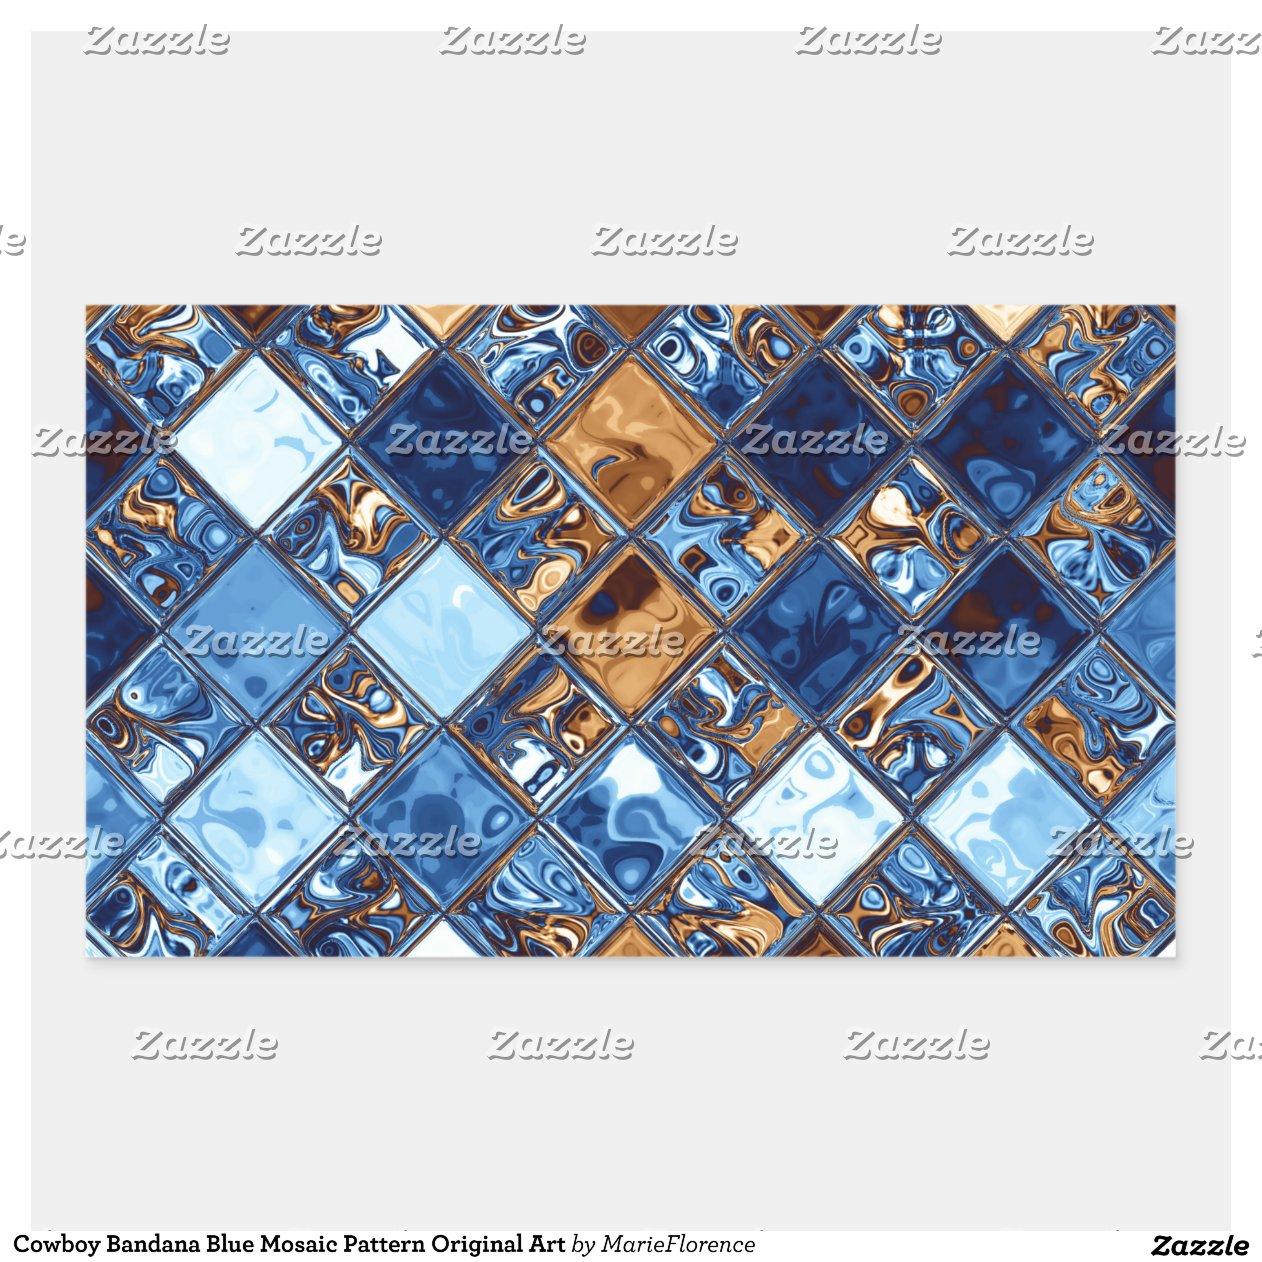 cowboybandana blaue mosaik muster vorlagen kunst. Black Bedroom Furniture Sets. Home Design Ideas